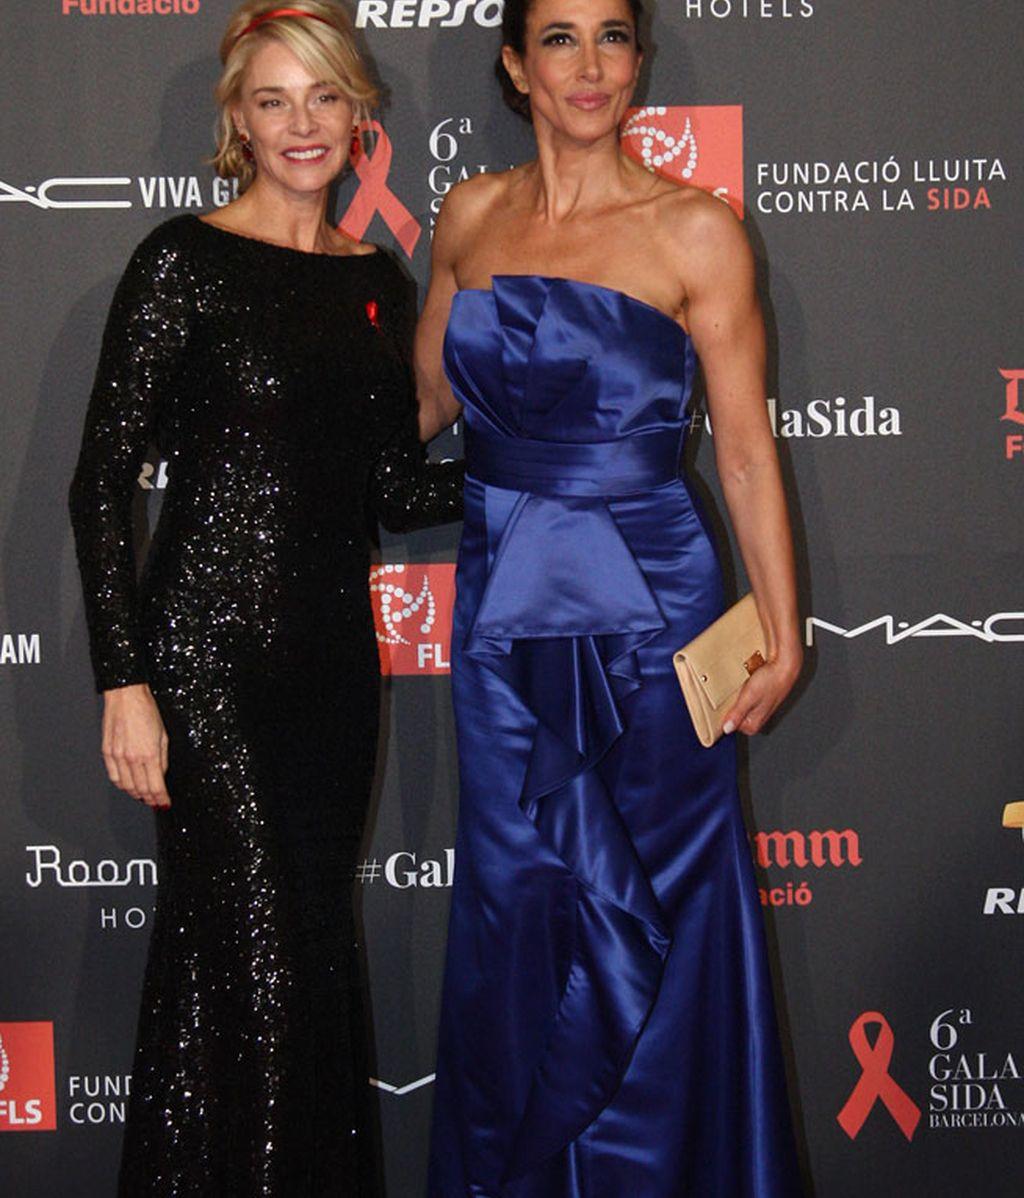 Elsa Anka de azul eléctrico posa junto a Belén Rueda